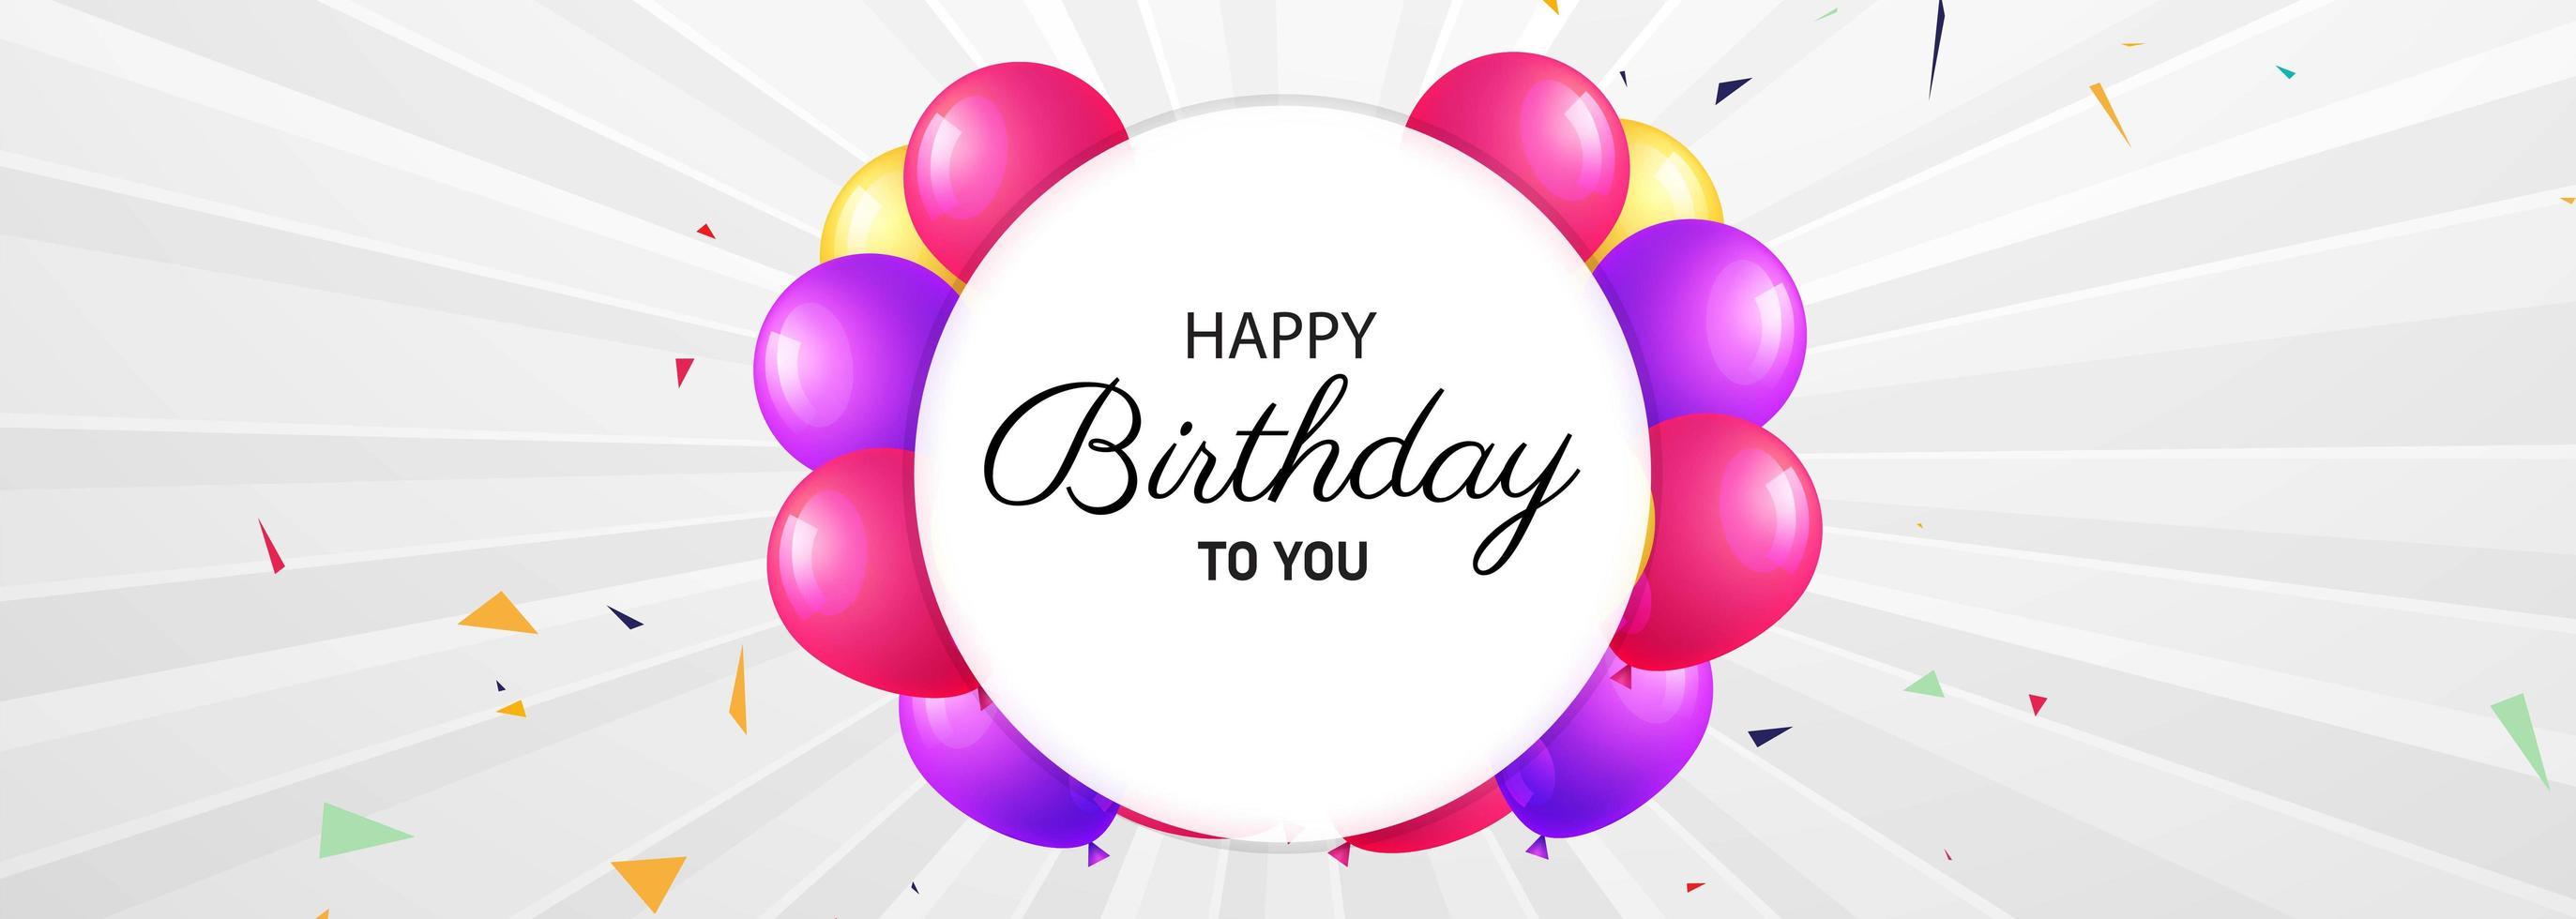 gelukkige verjaardagskaart met circulaire ballon frame vector